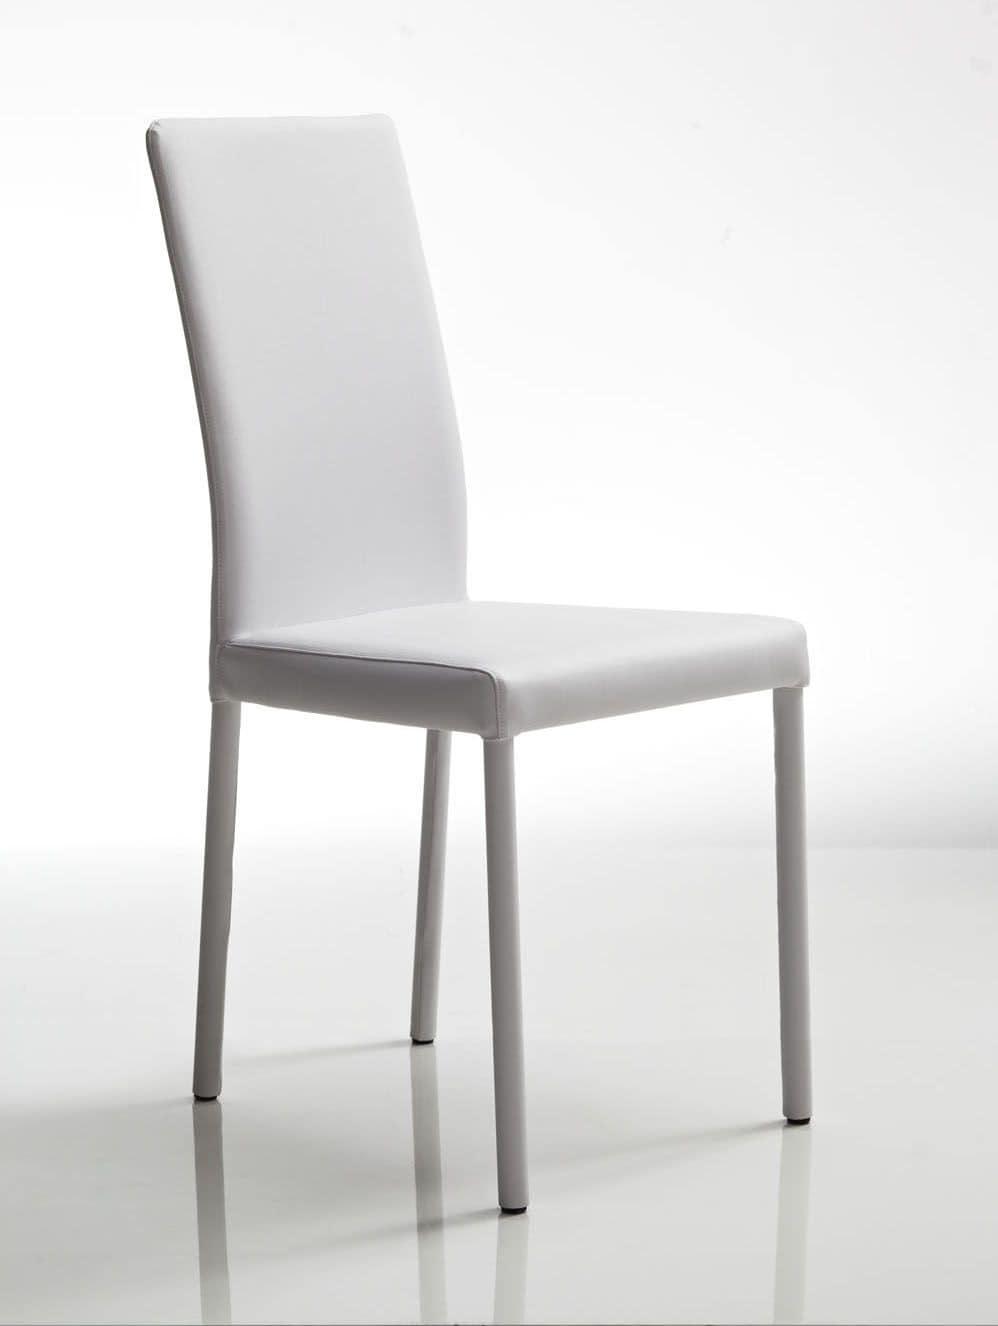 sedia in pelle bianca struttura in acciaio per uso